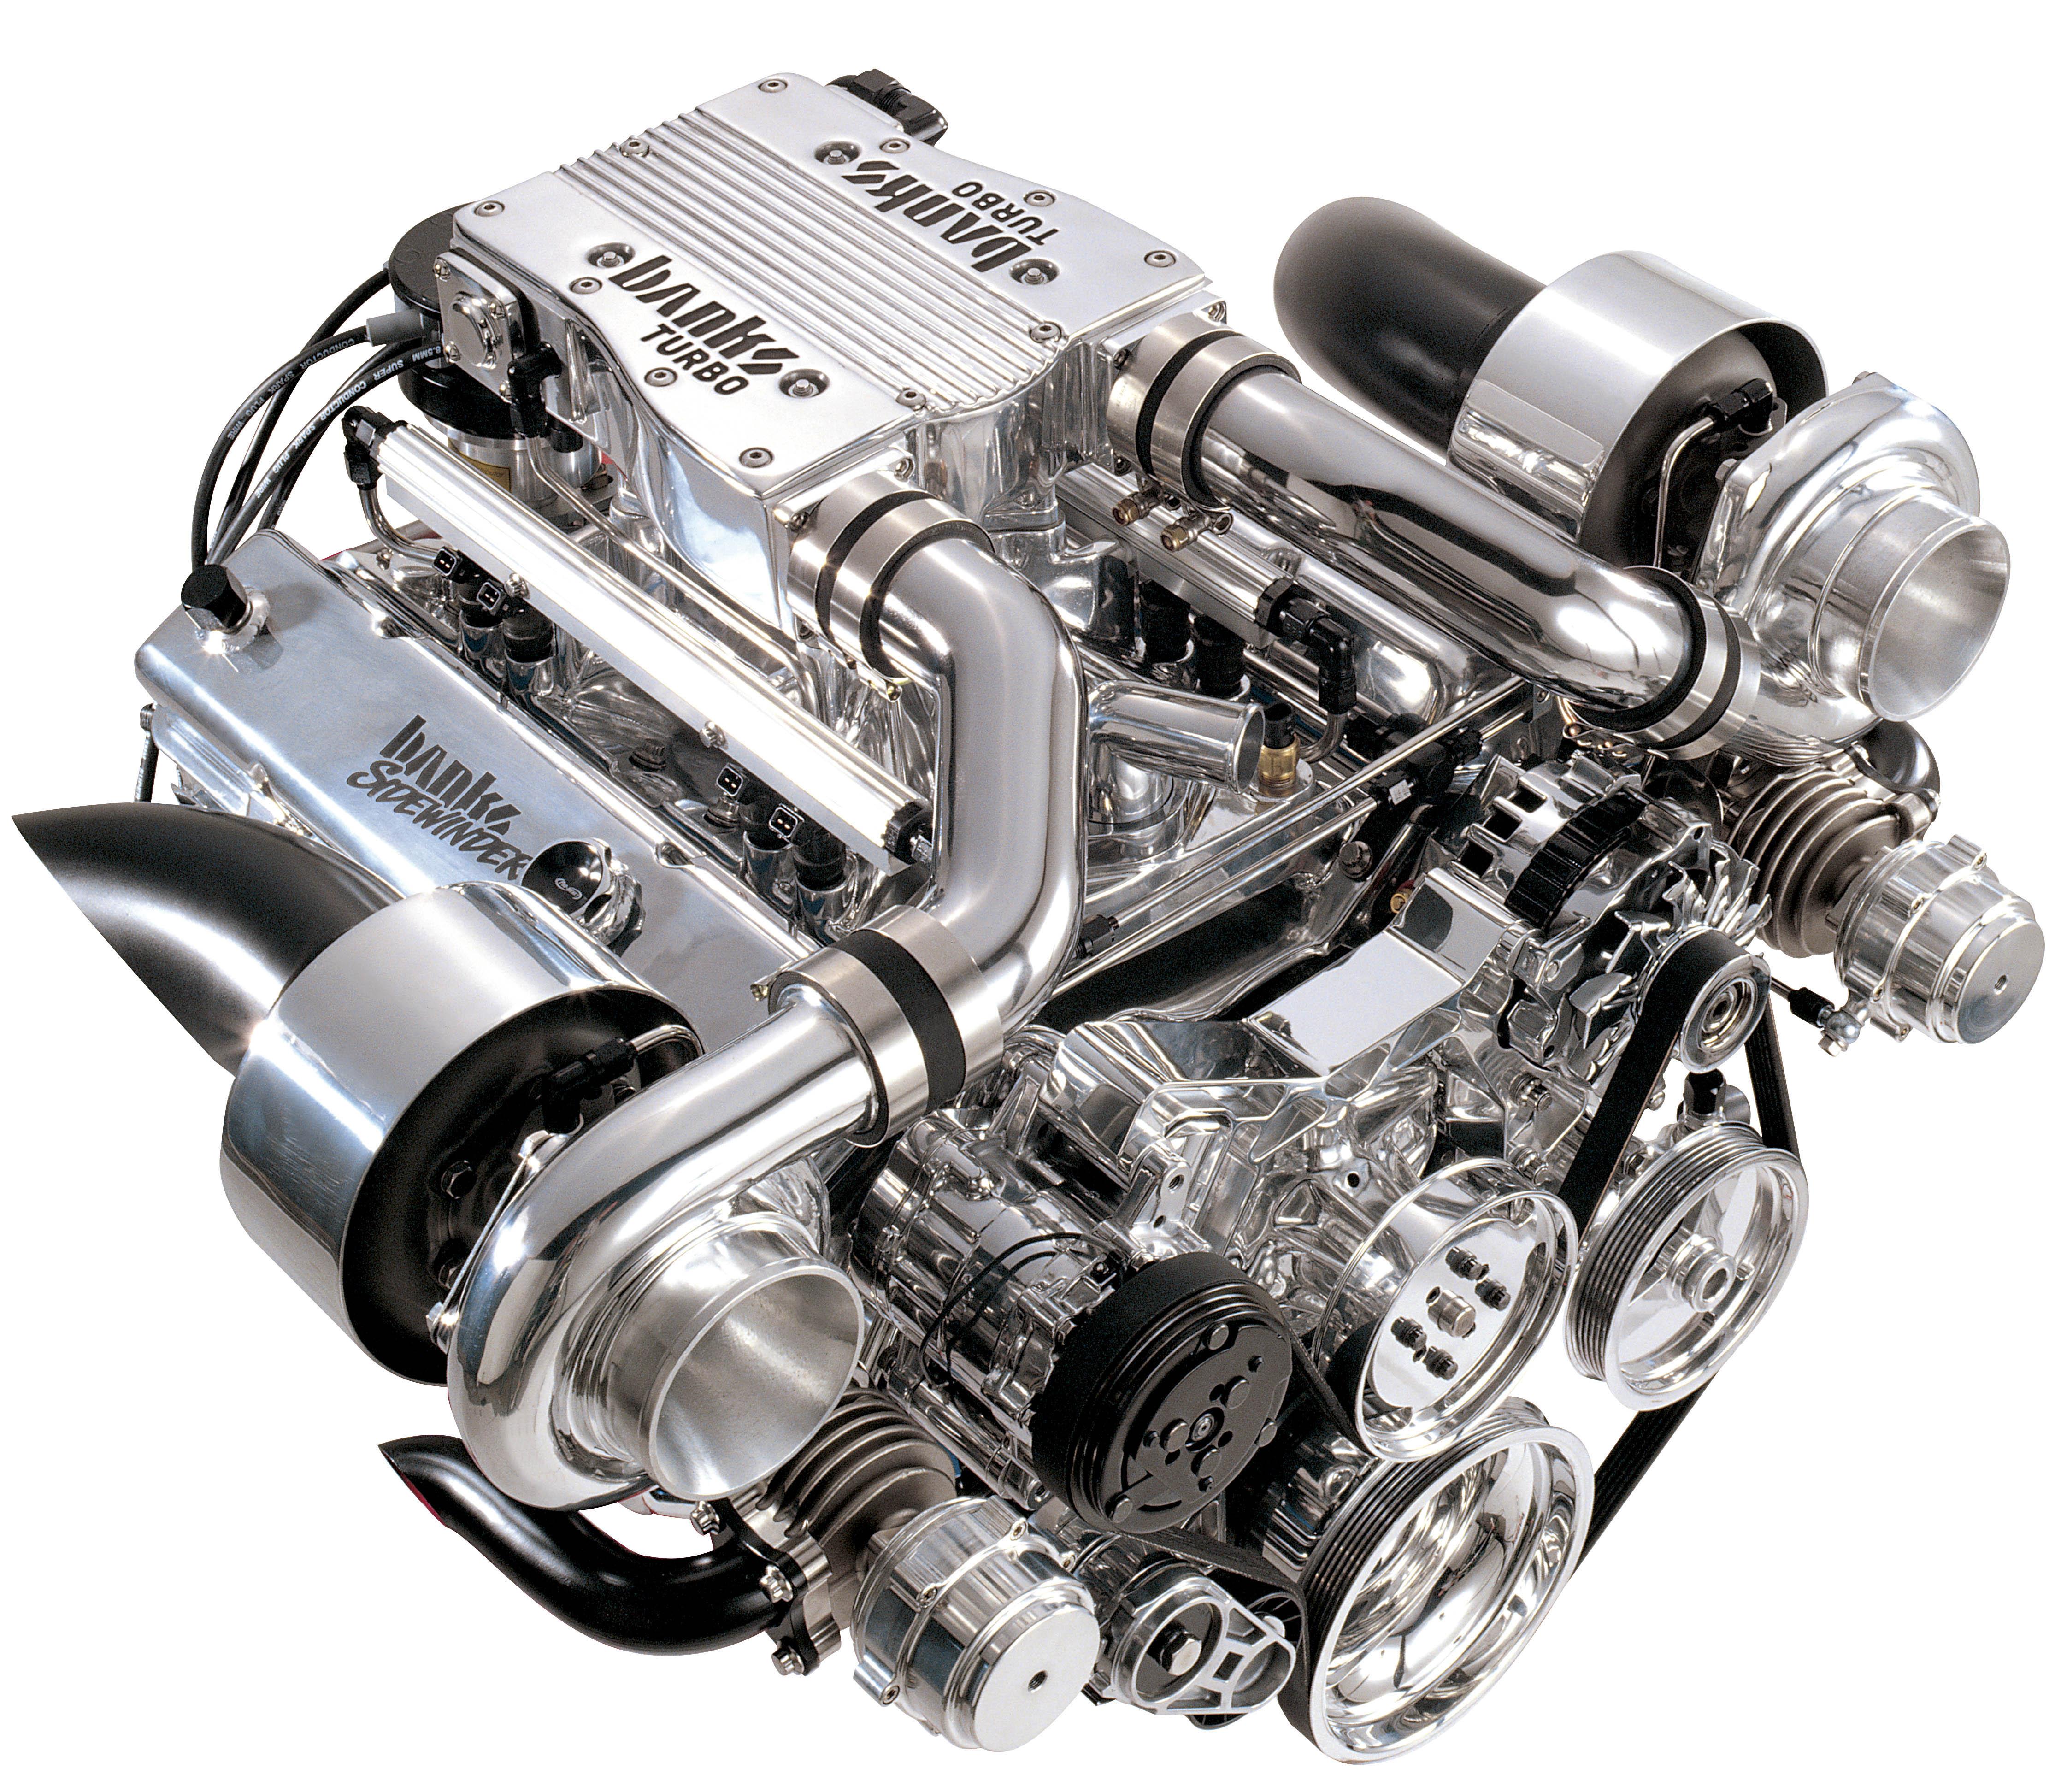 Атмосферный двигатель: что это такое, чем отличается от турбированного